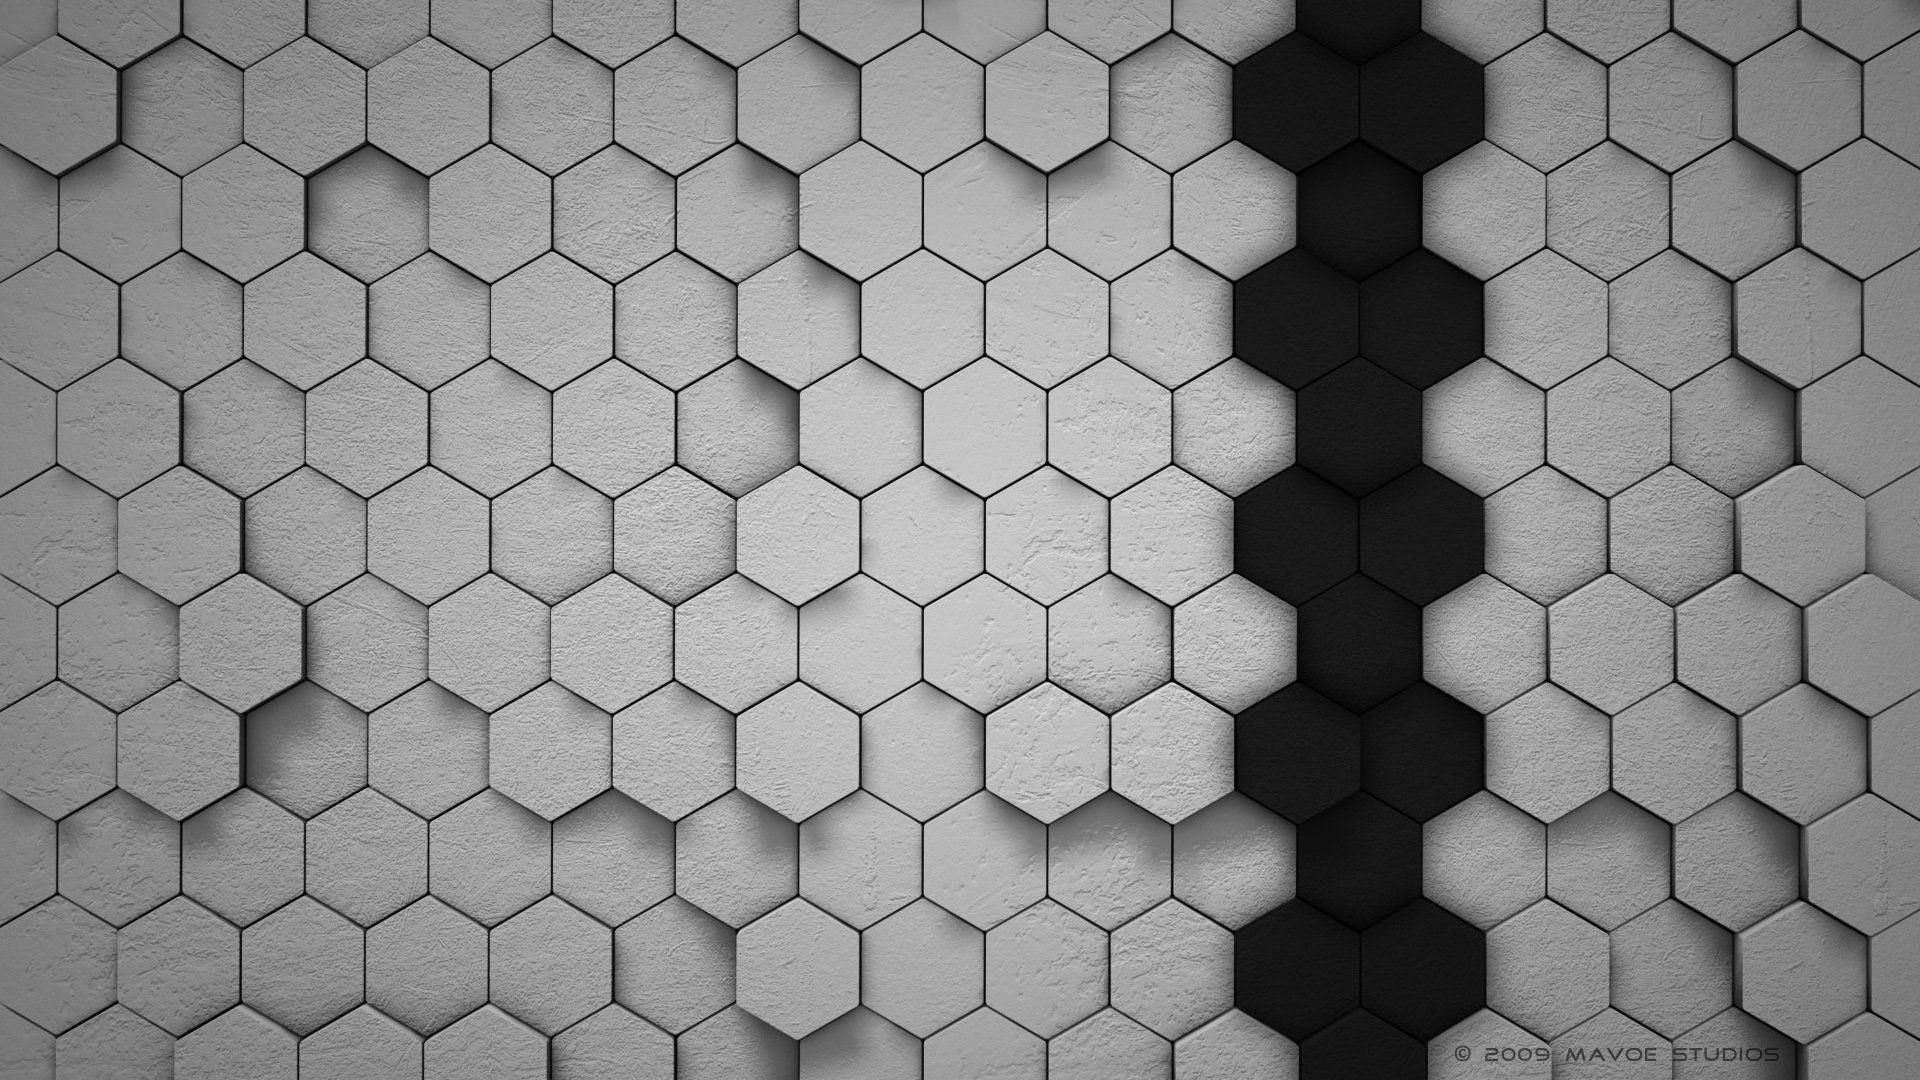 Hex wallpaper photo full hd